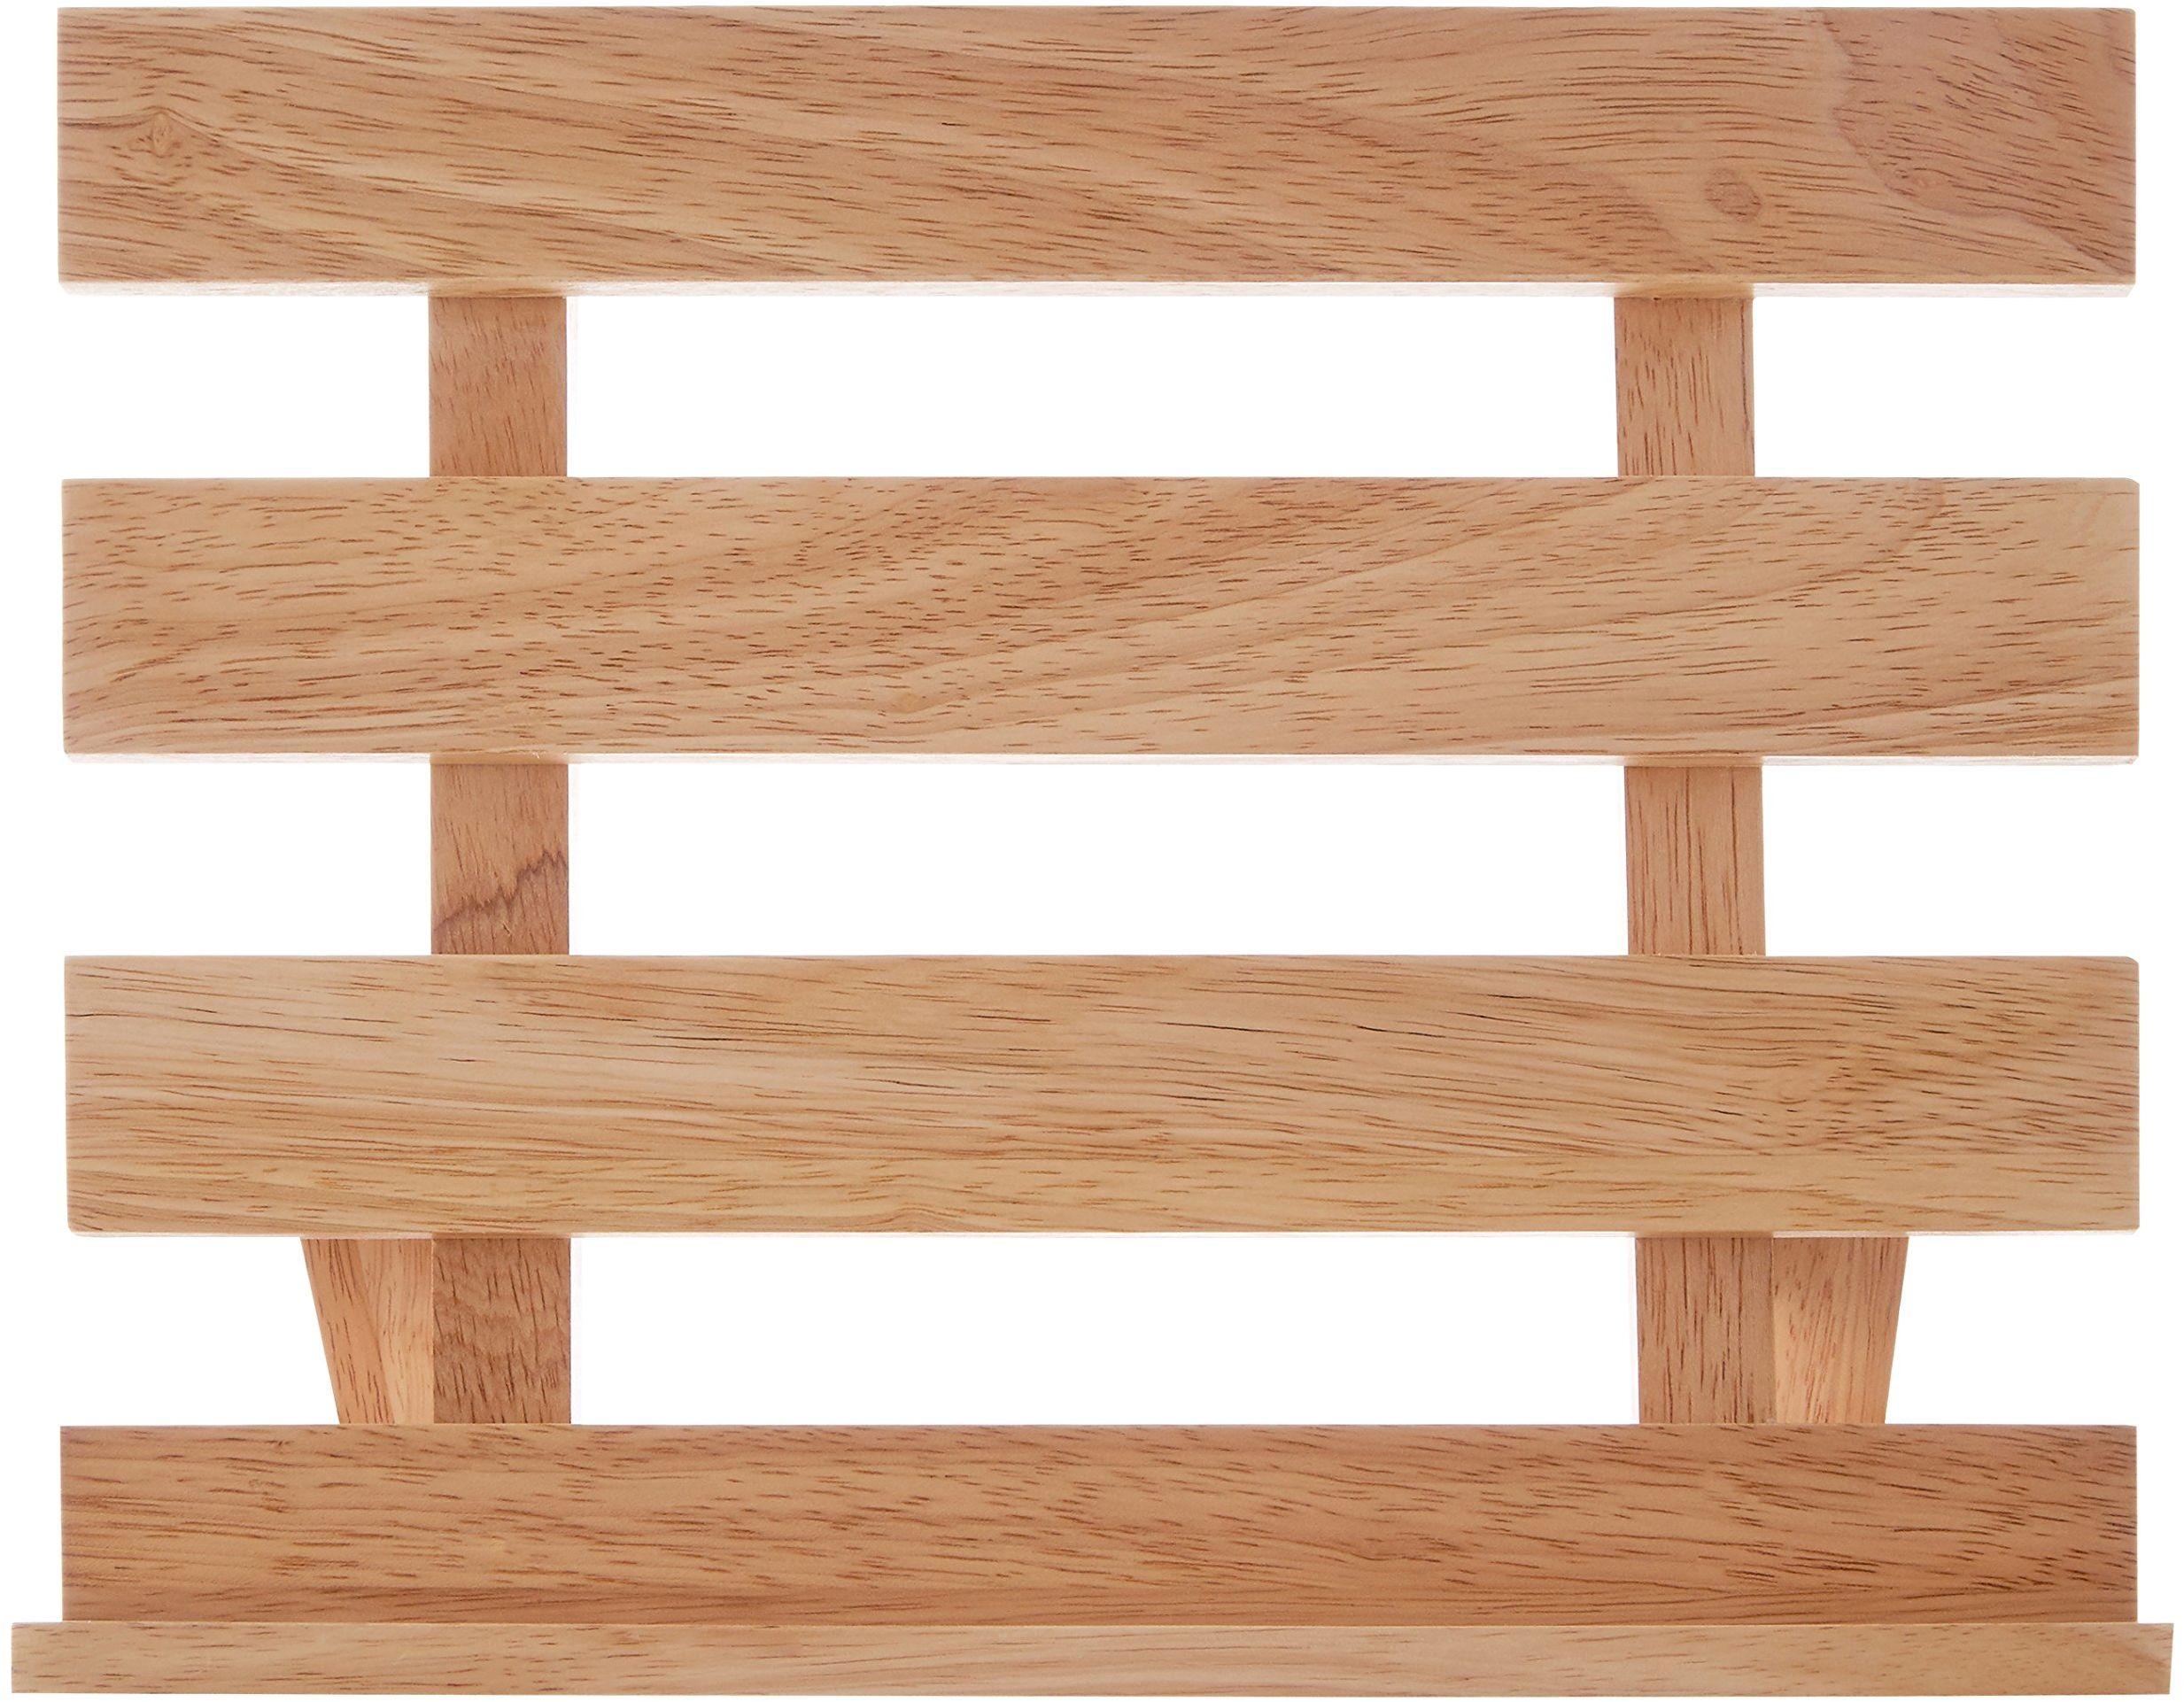 Premier Housewares stojak na książki kucharskie, drewno, naturalny, 17 x 29 x 24 cm